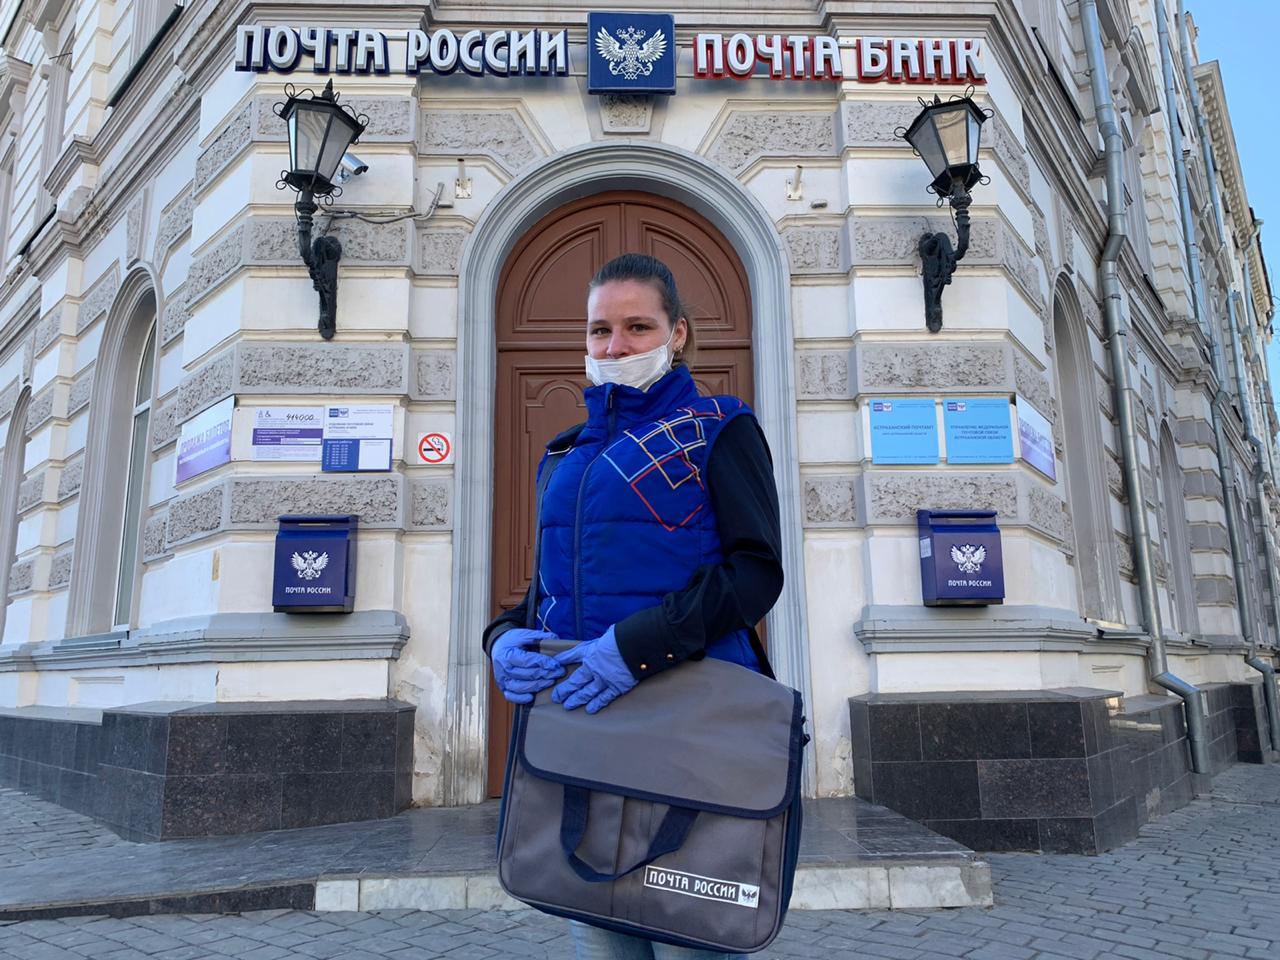 «Почта России» приглашает астраханцев на работу